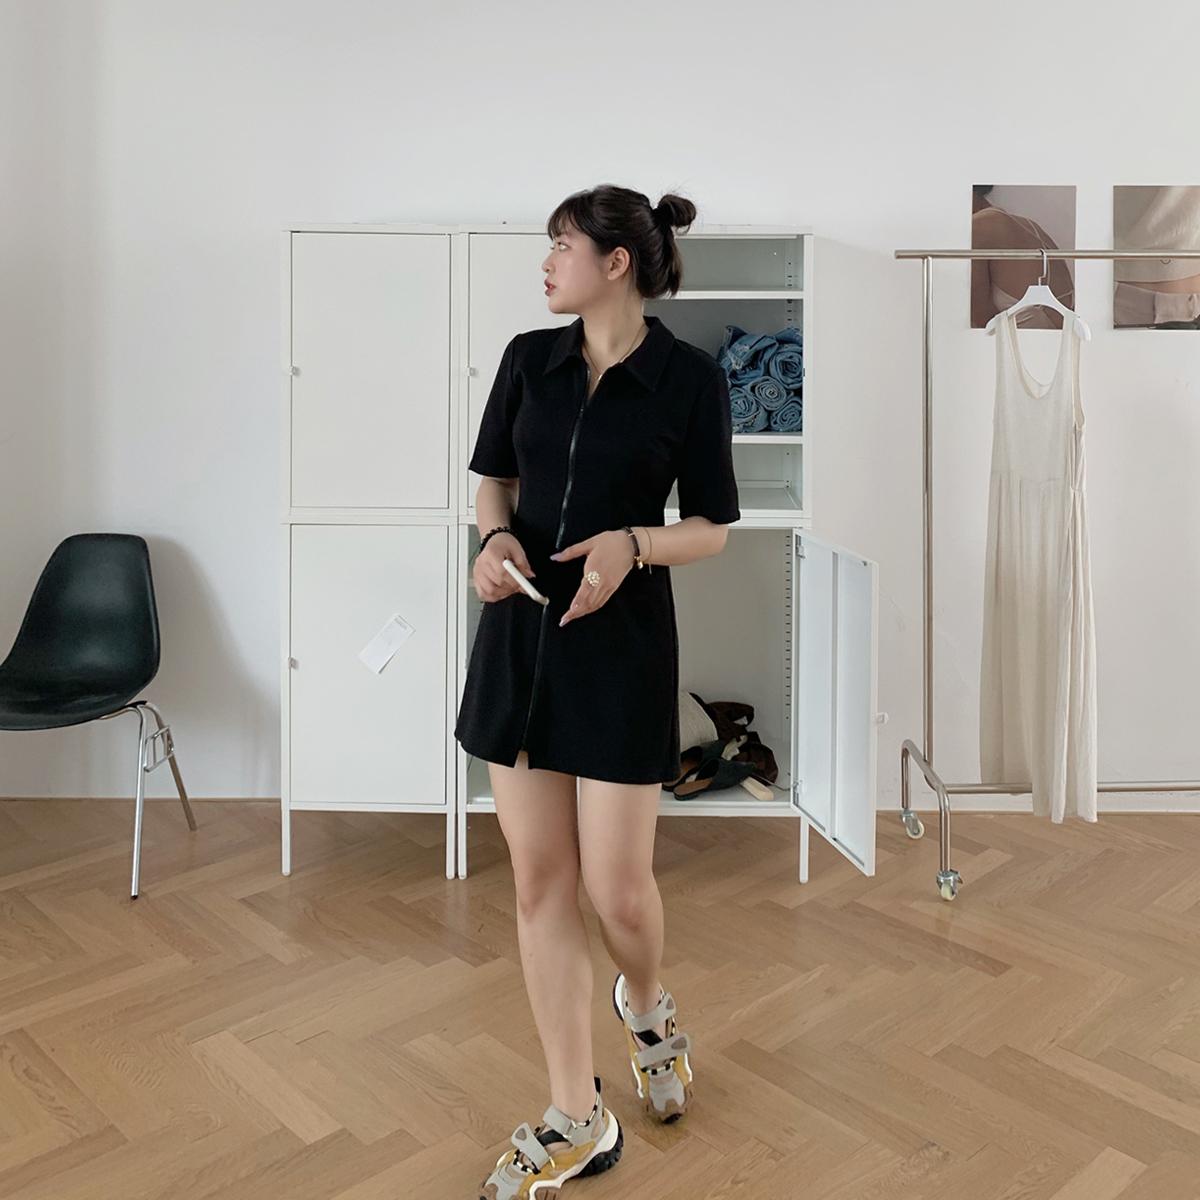 大面菁黑色衬衣风polo连衣裙子2020年新款夏天显瘦微胖mm大码女装